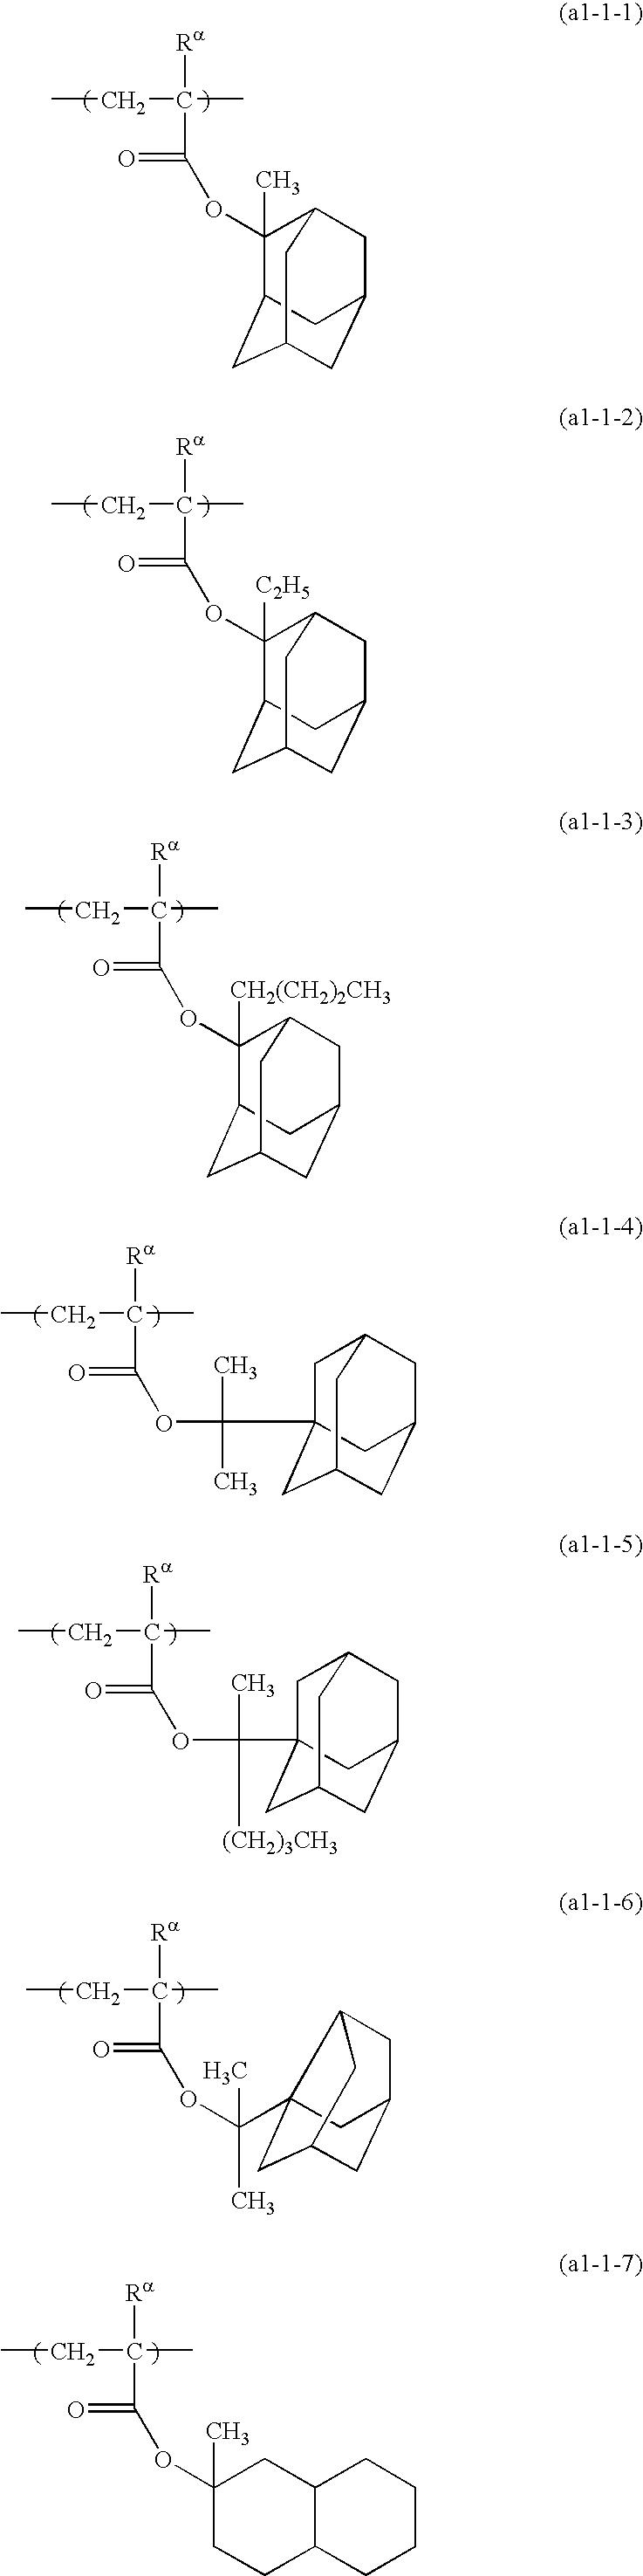 Figure US20100136480A1-20100603-C00021